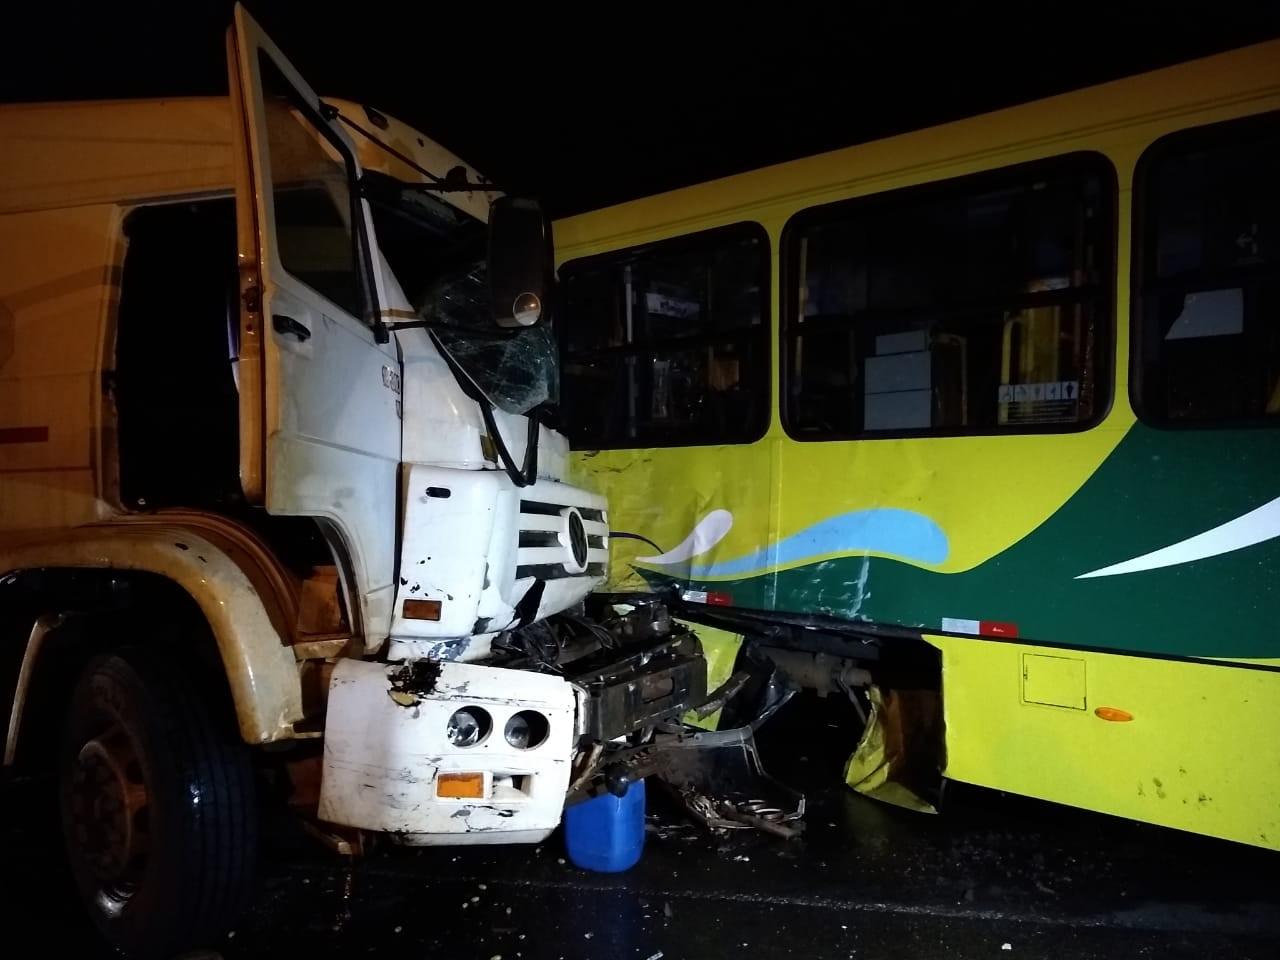 Oito pessoas ficam feridas em acidente entre ônibus e caminhões, diz Corpo de Bombeiros  - Notícias - Plantão Diário